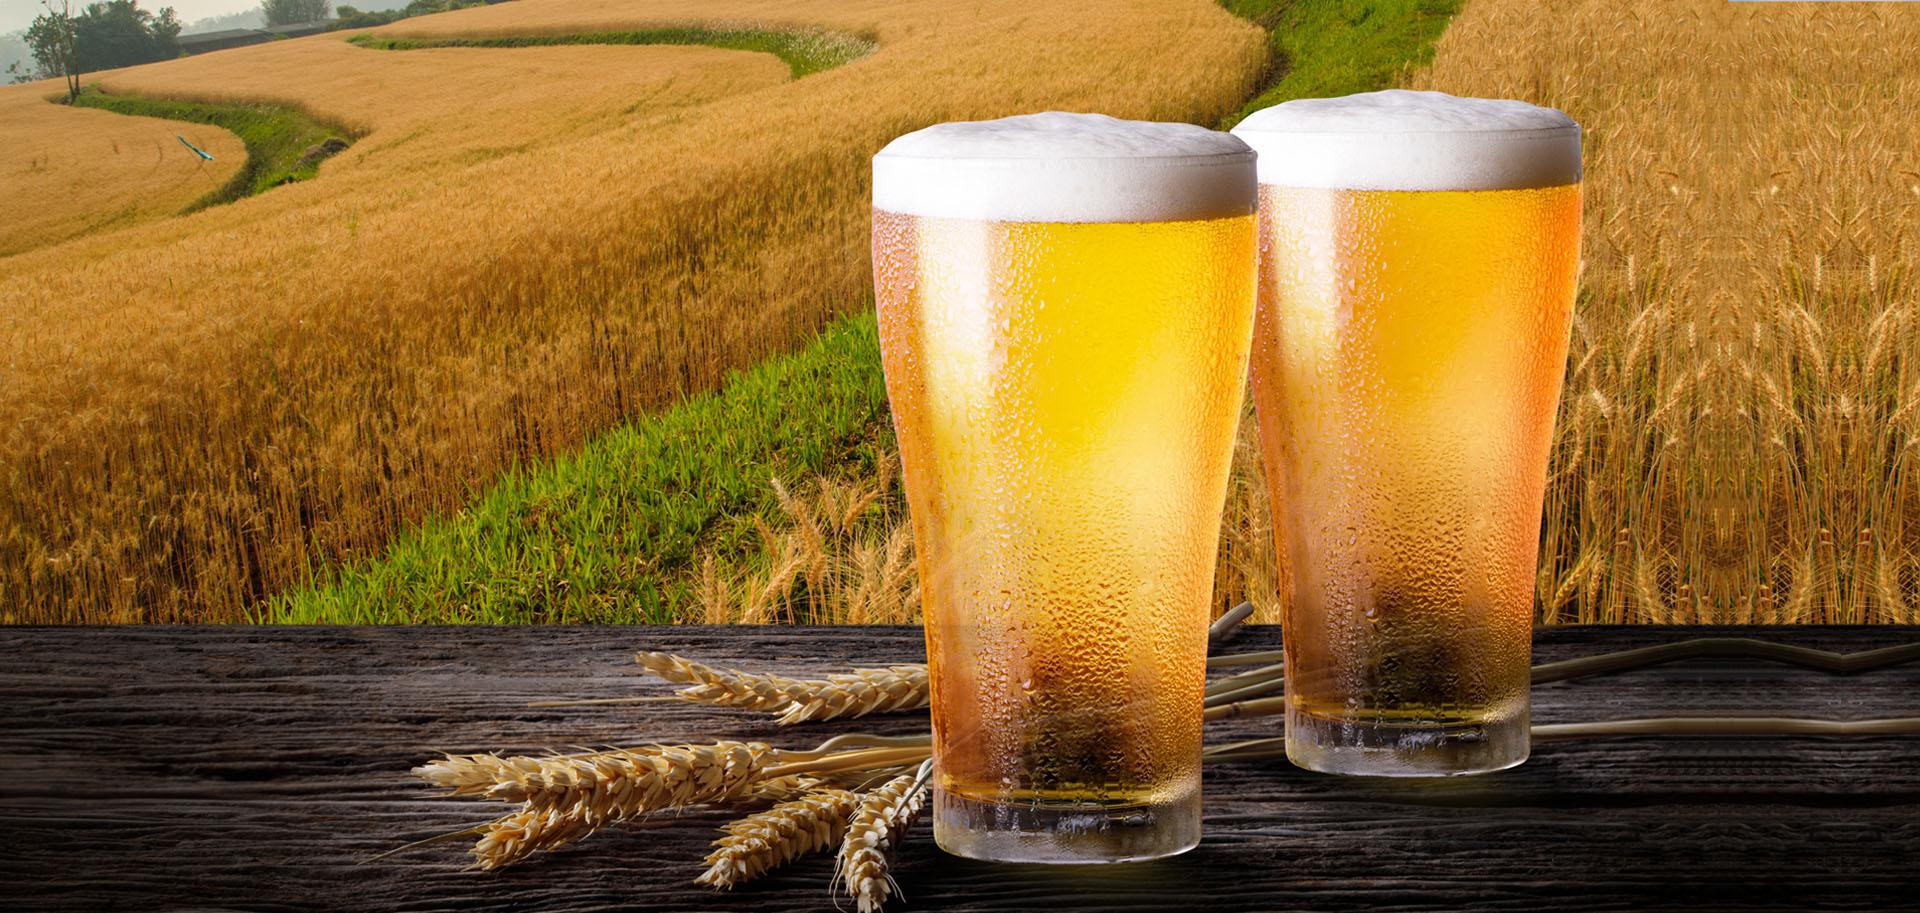 Boccali di birra su paesaggio toscano